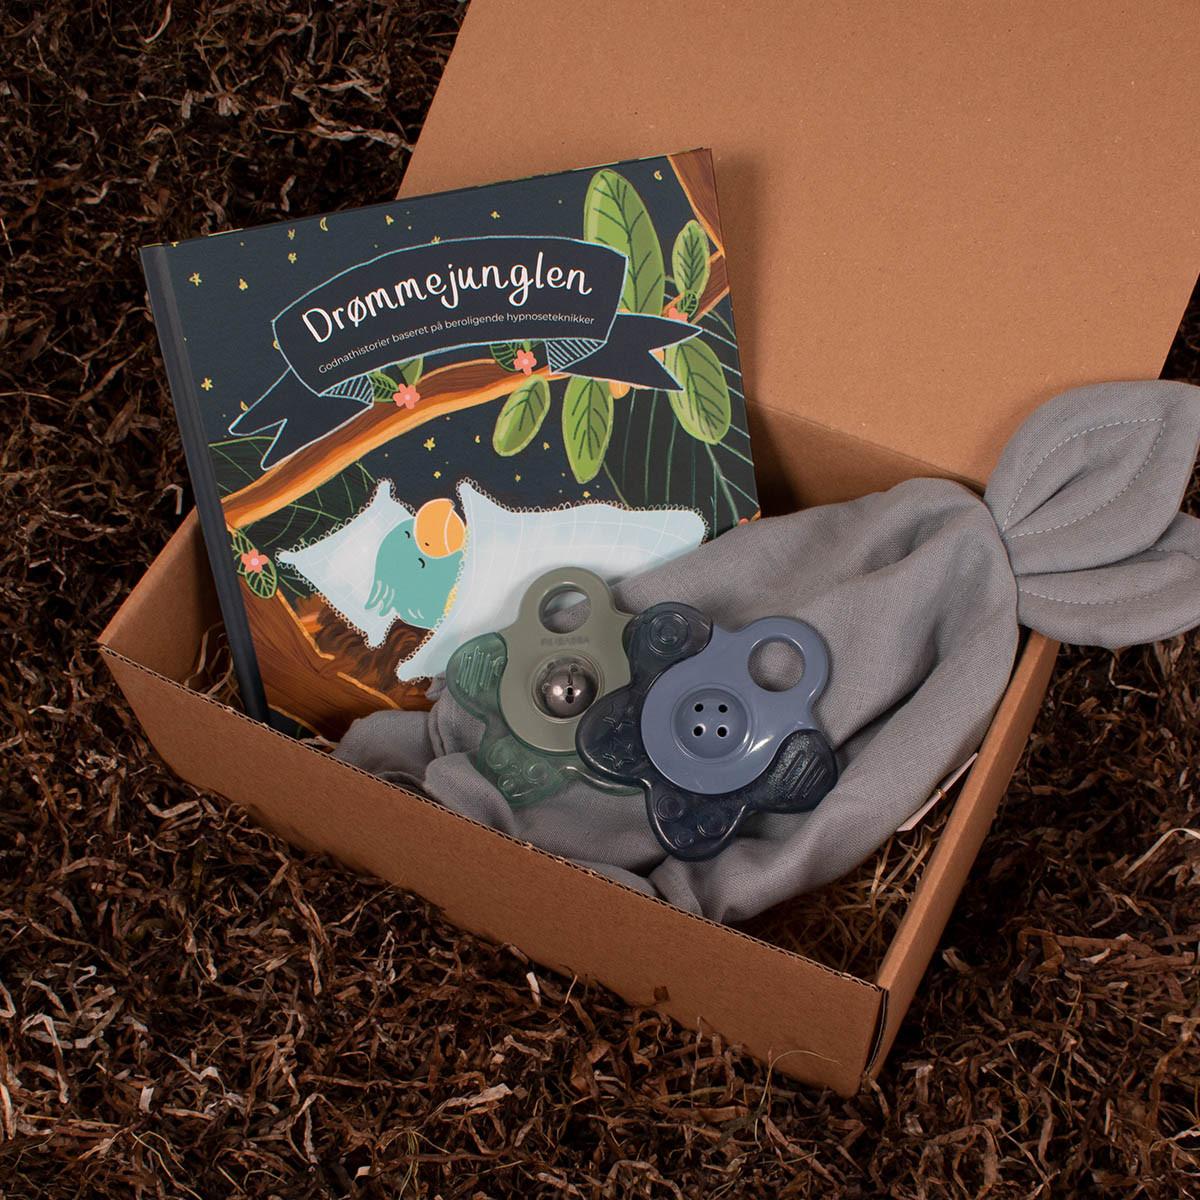 Drømmejunglen godnathistorier, nusseklud og 2 køle bideringe fra Filibabba - Barsel- og dåbsgave   Eksklusiv gavesæt til baby og gravid mor